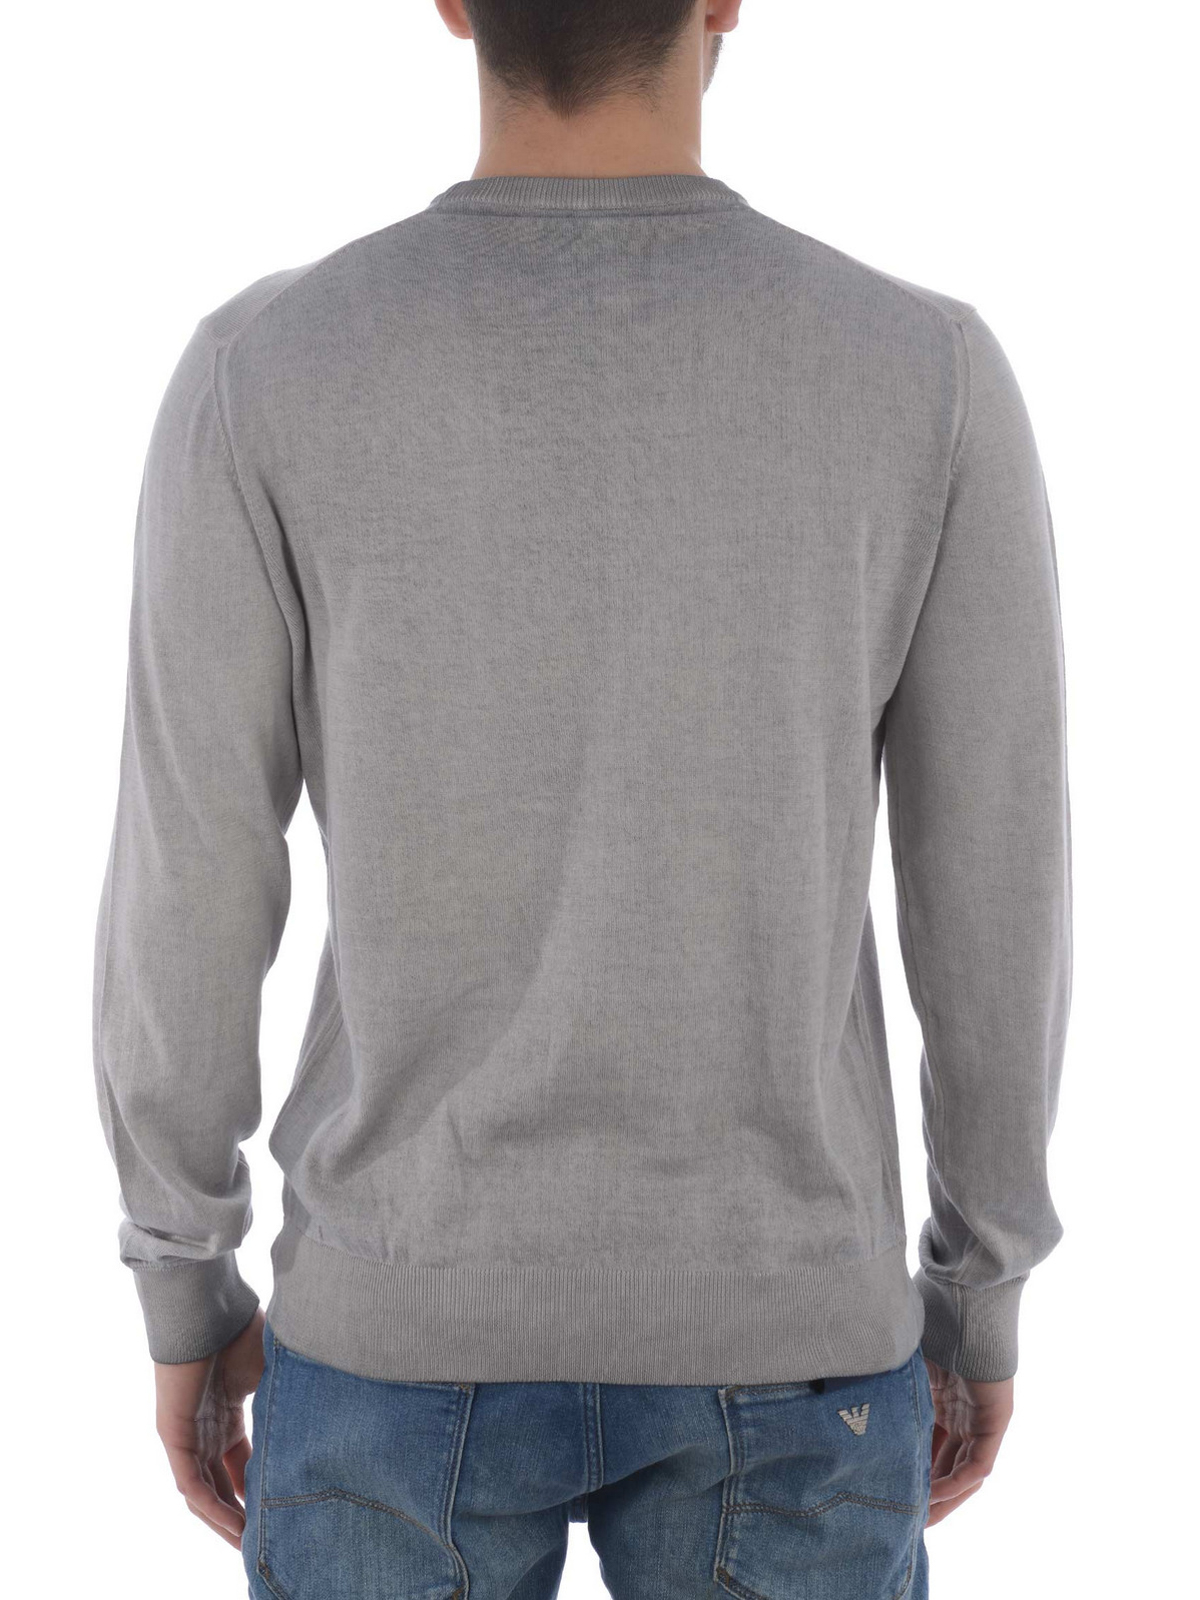 aa455bf3d0b2 iKRIX Armani Jeans  Sweatshirts   Pulls - Sweat-Shirts Et Pulls Gris